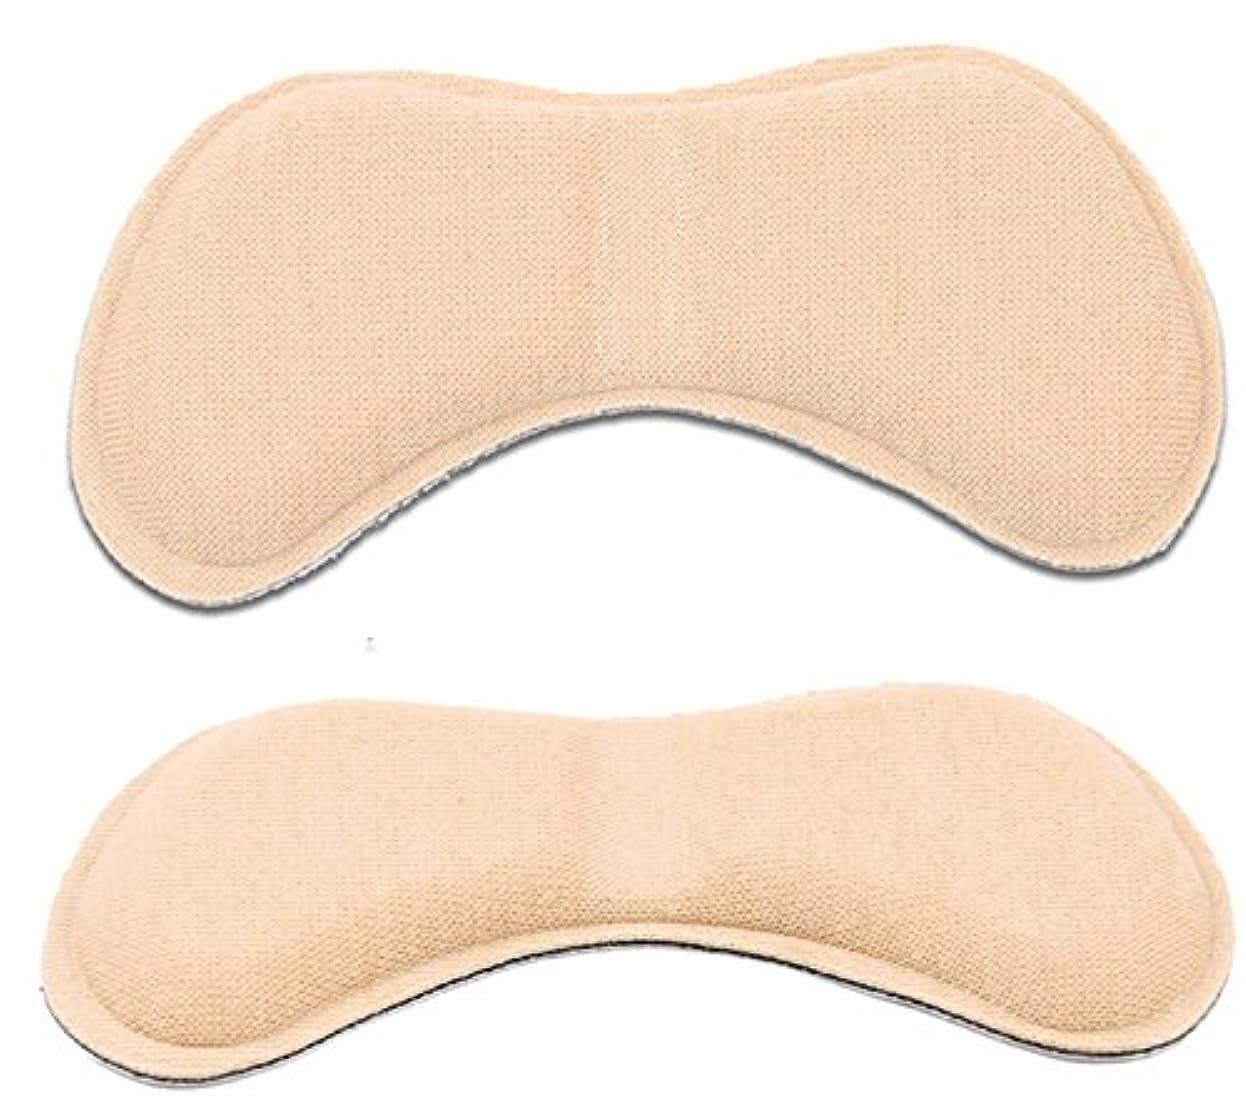 独立して圧縮母性[MNoel] ベージュ 靴ずれ防止 やわらかかかとクッション 貼るだけ簡単 滑り止め 魔法のかかとサポーター かかと抜け サイズ調整用 かかと 靴擦れ 防止 シート パット